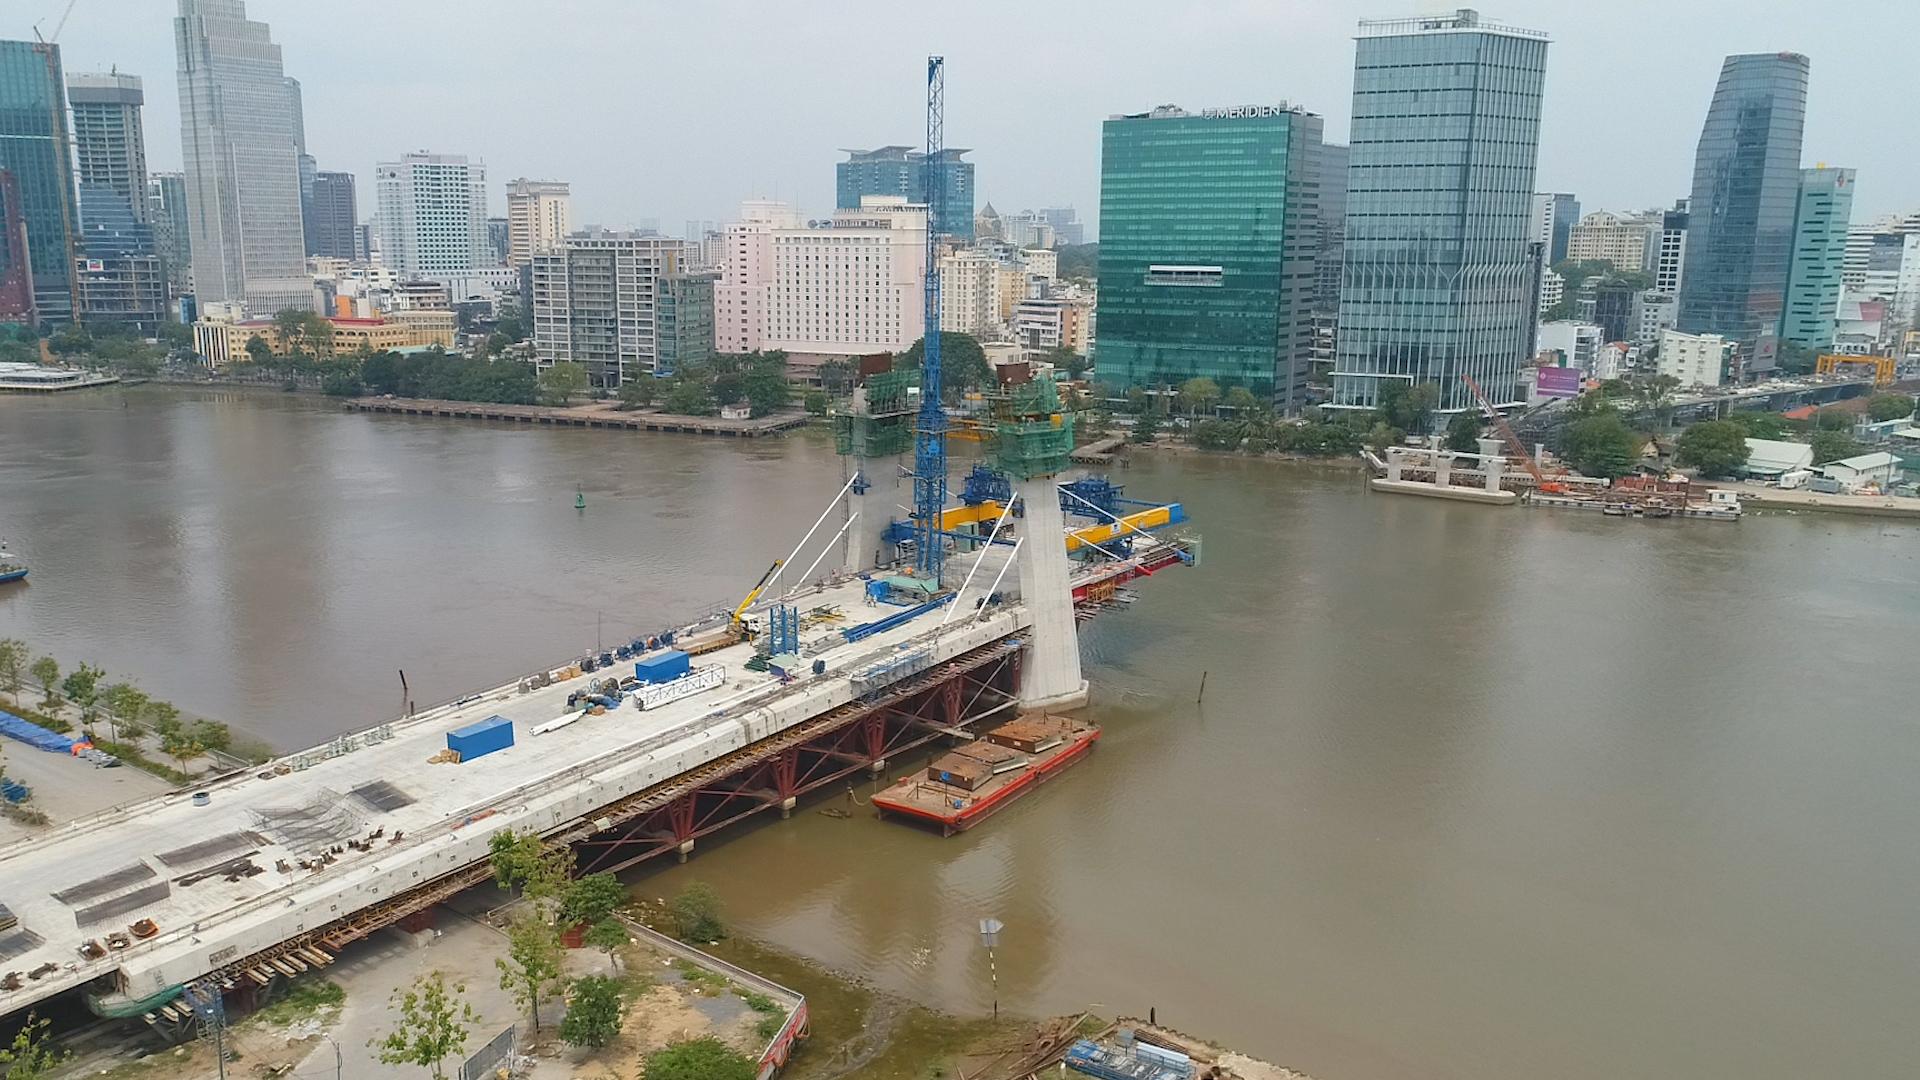 Cầu Thủ Thiêm 2 đang dần hoàn thiện